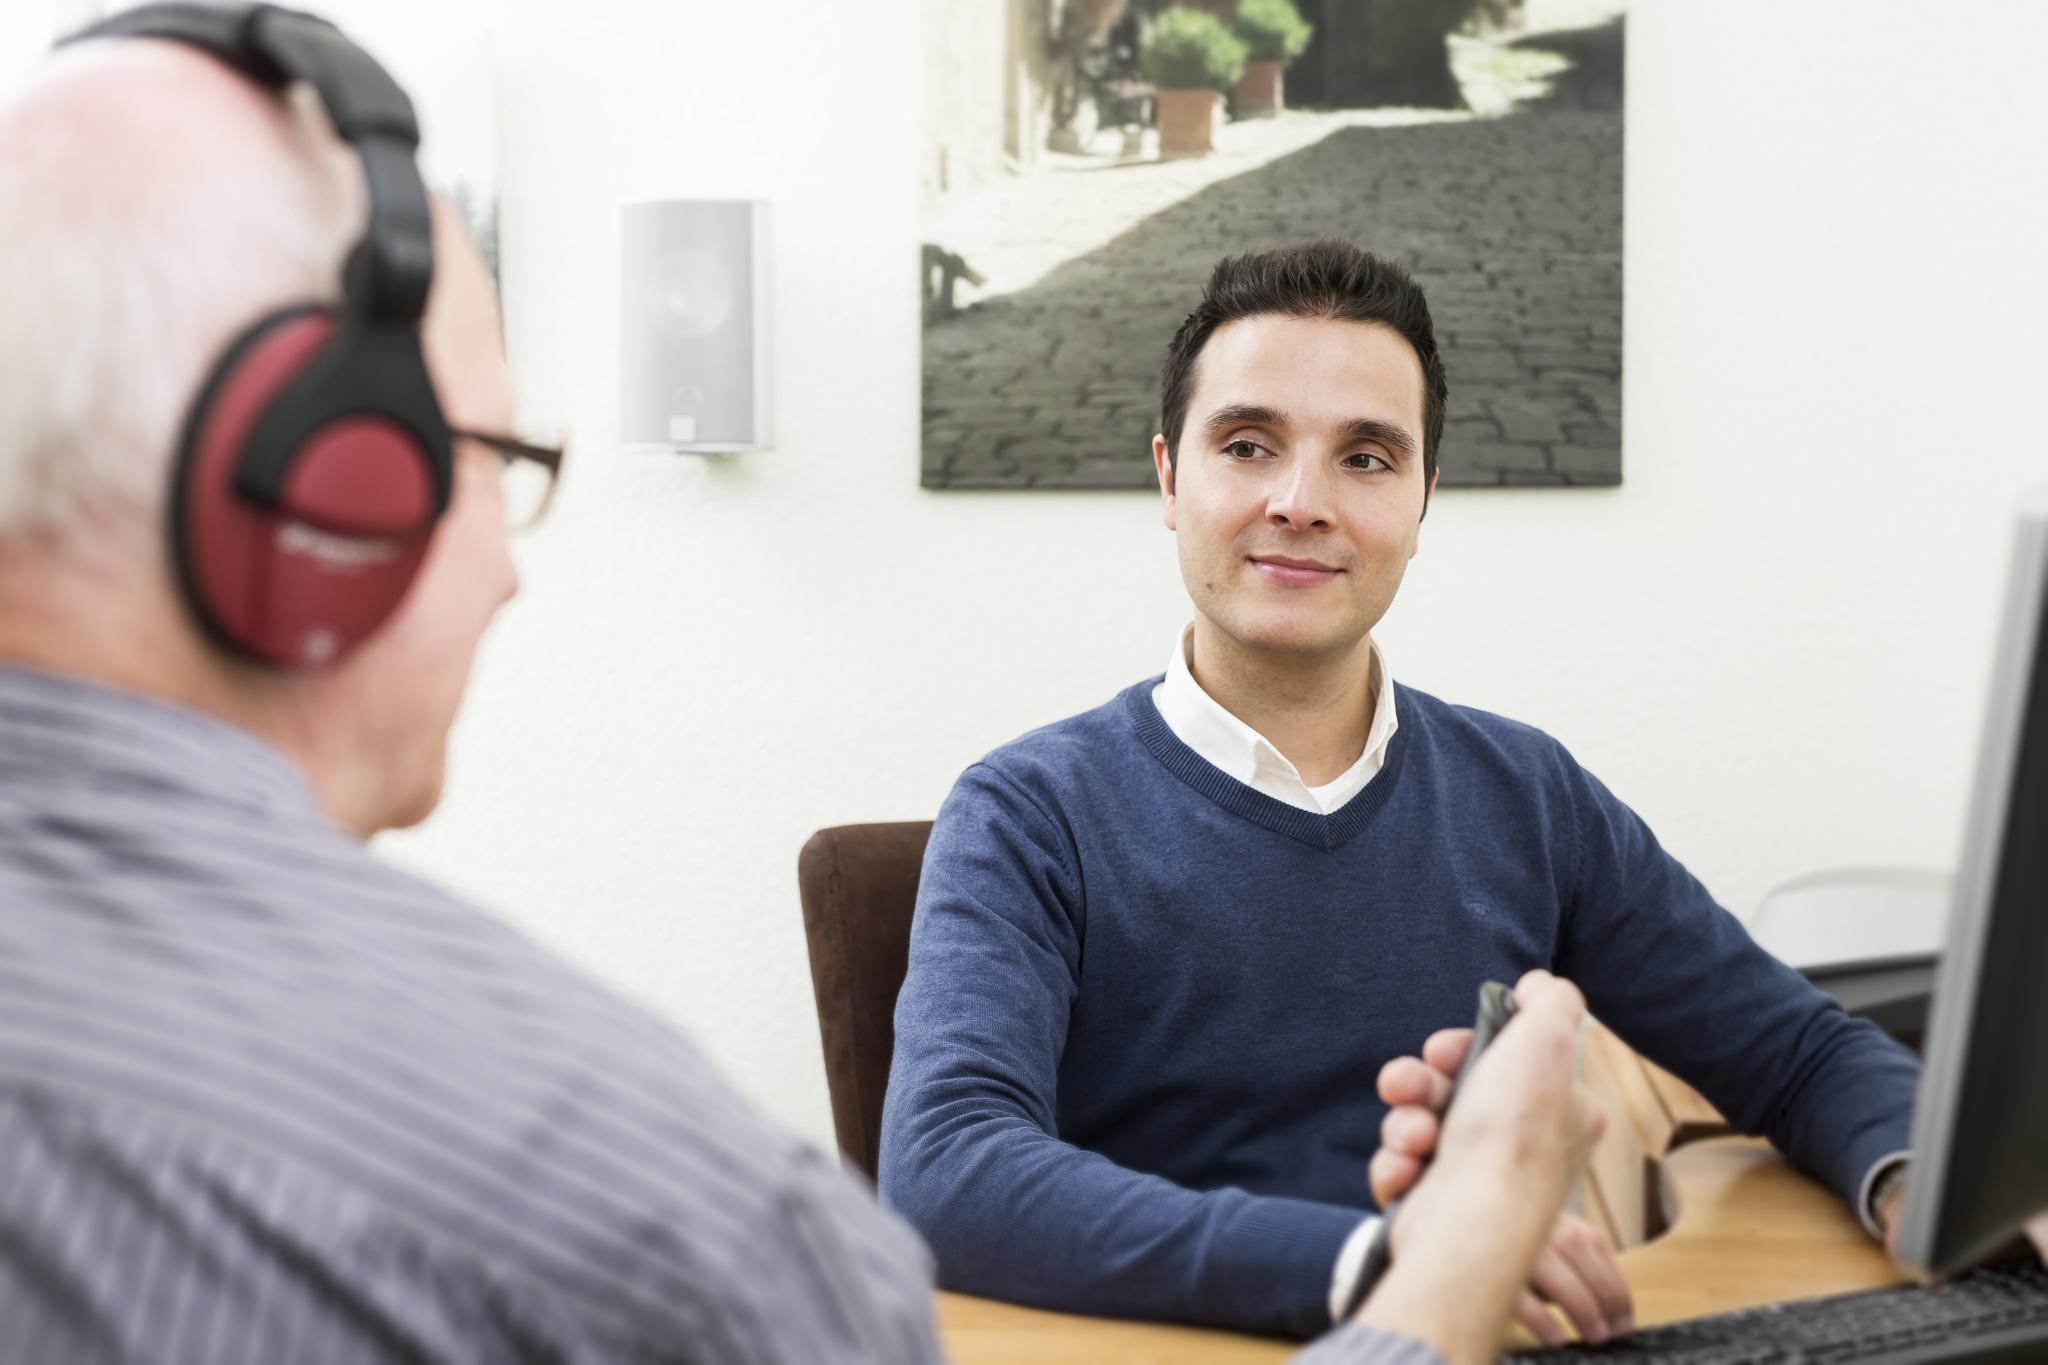 Hörtest beim Kunden und Erstellung der Höranalyse